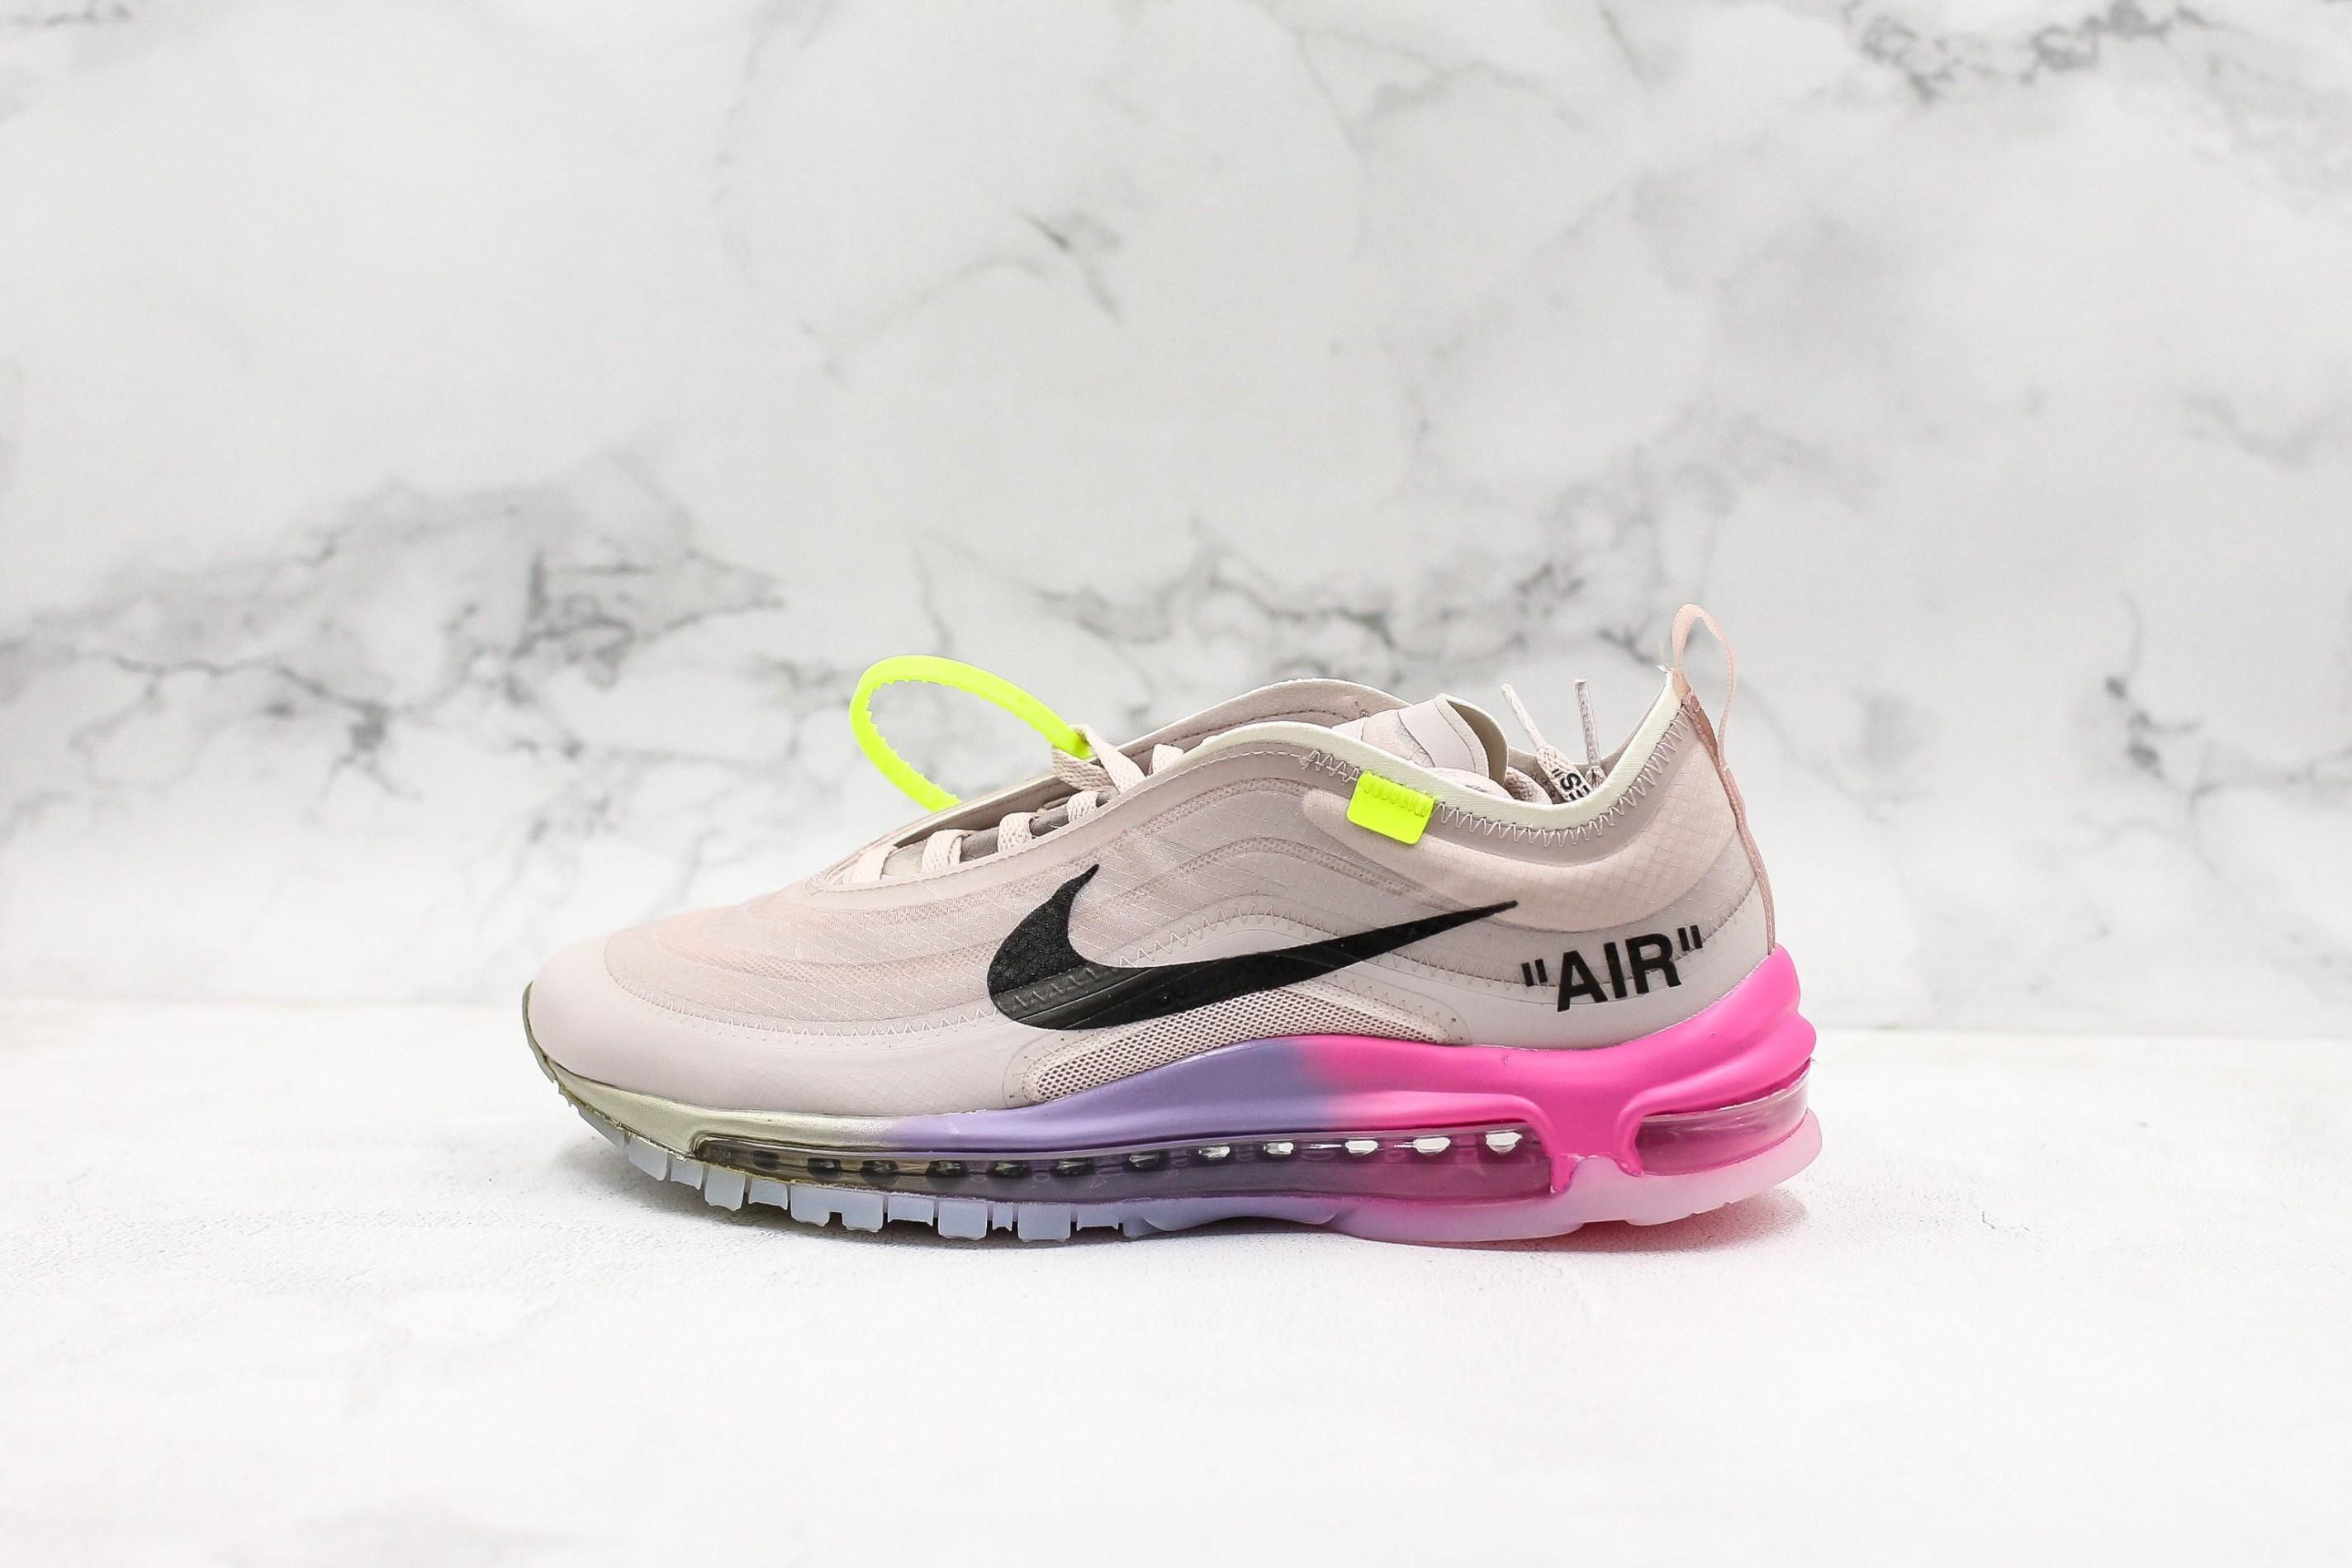 sports shoes 6a342 45d9b Nike Air Max 97 Off-White x